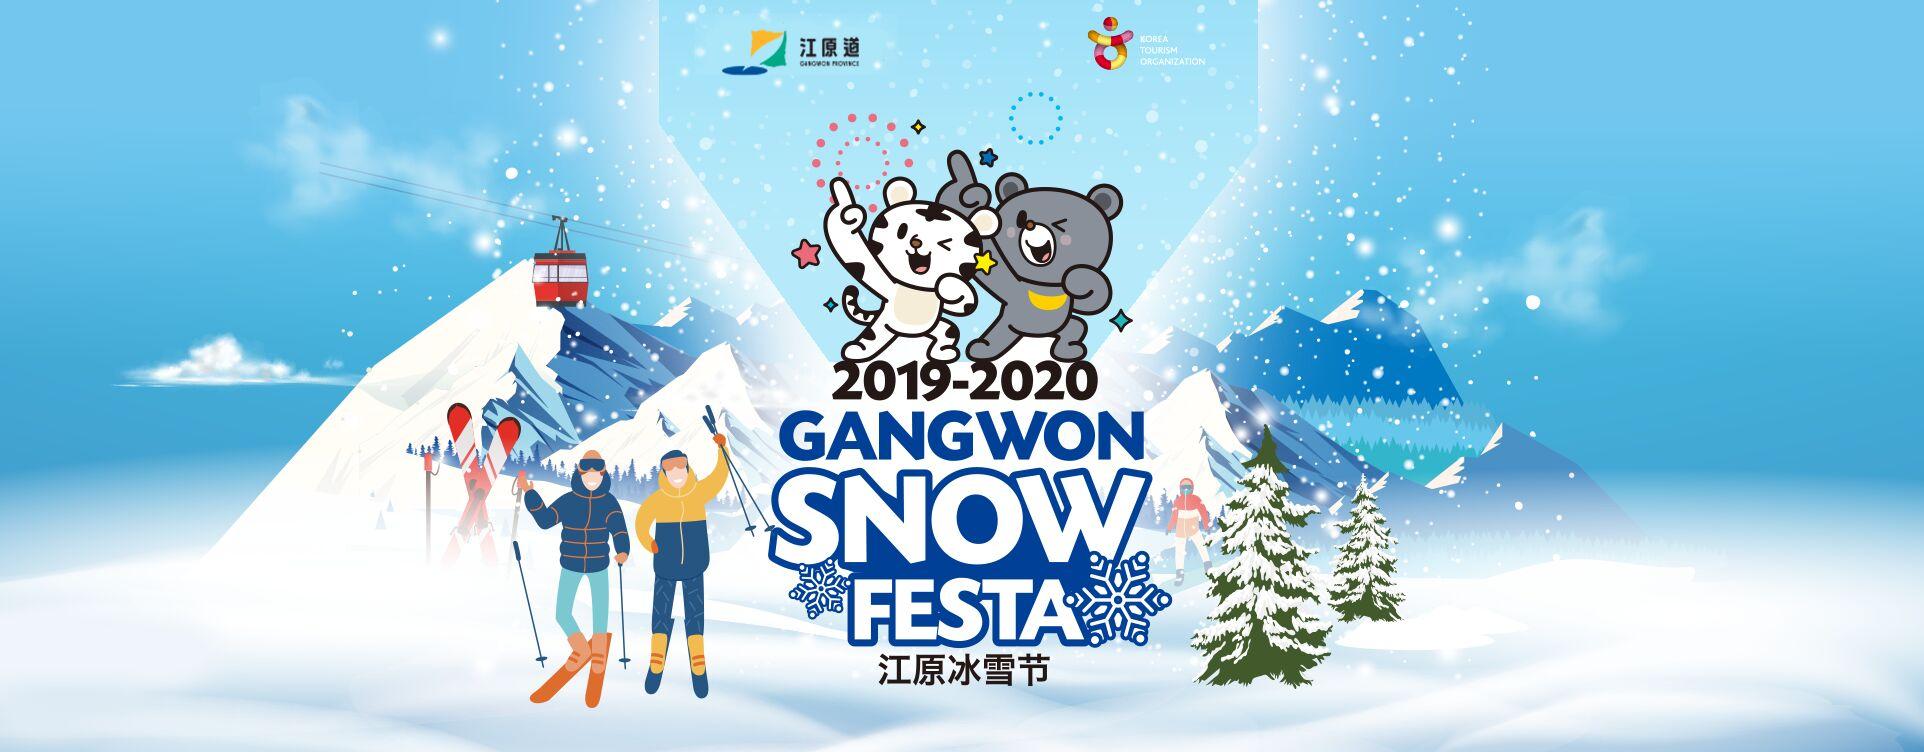 韓國江原道冰雪節